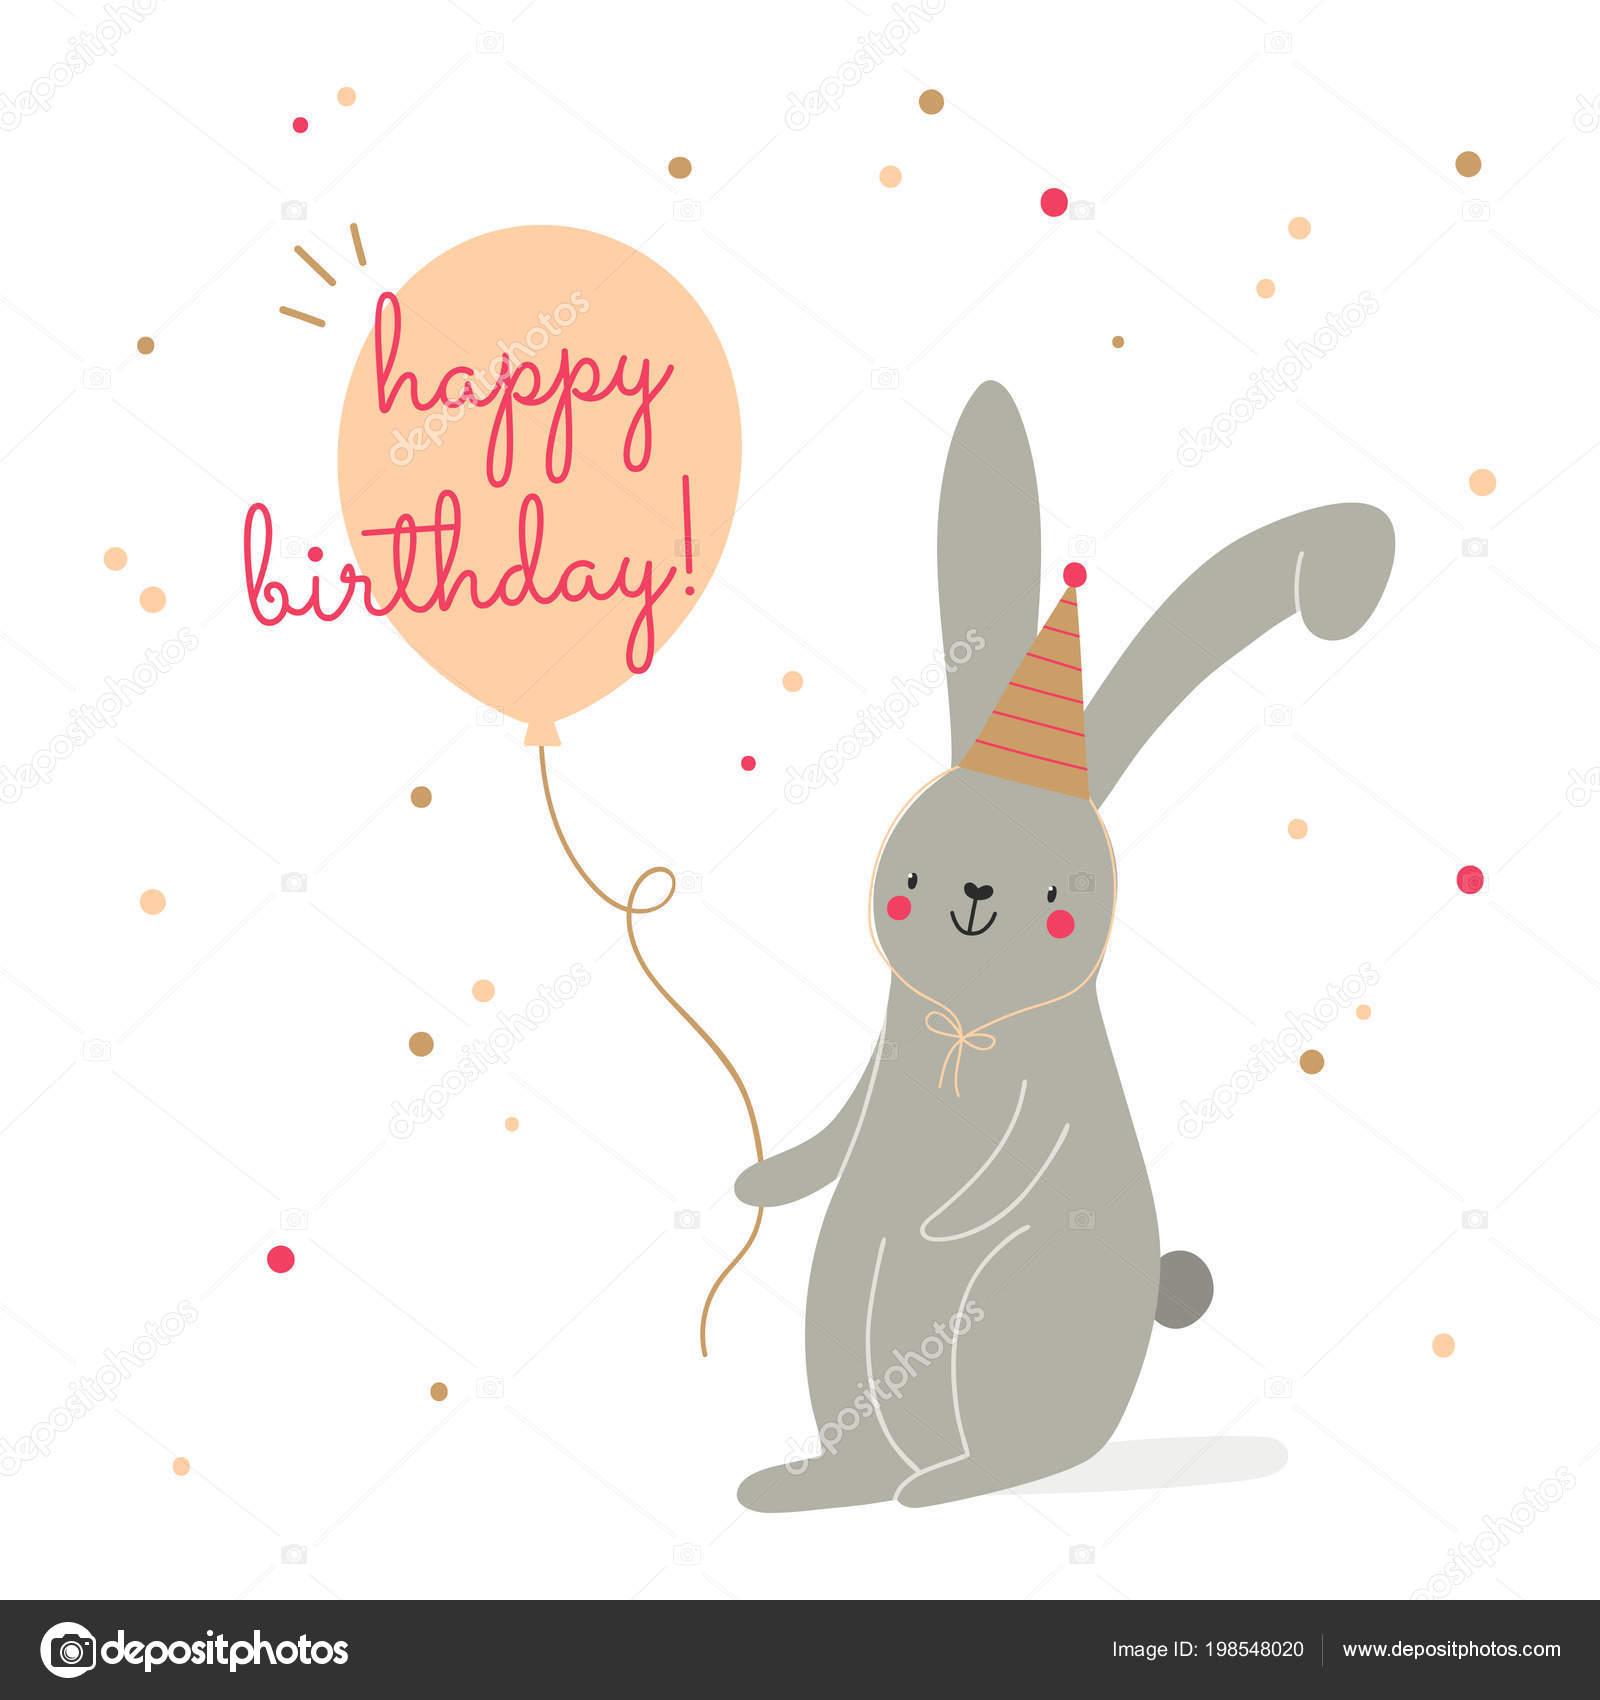 Gelukkig Verjaardagskaart Vector Super Leuke Illustratie Met Bunny